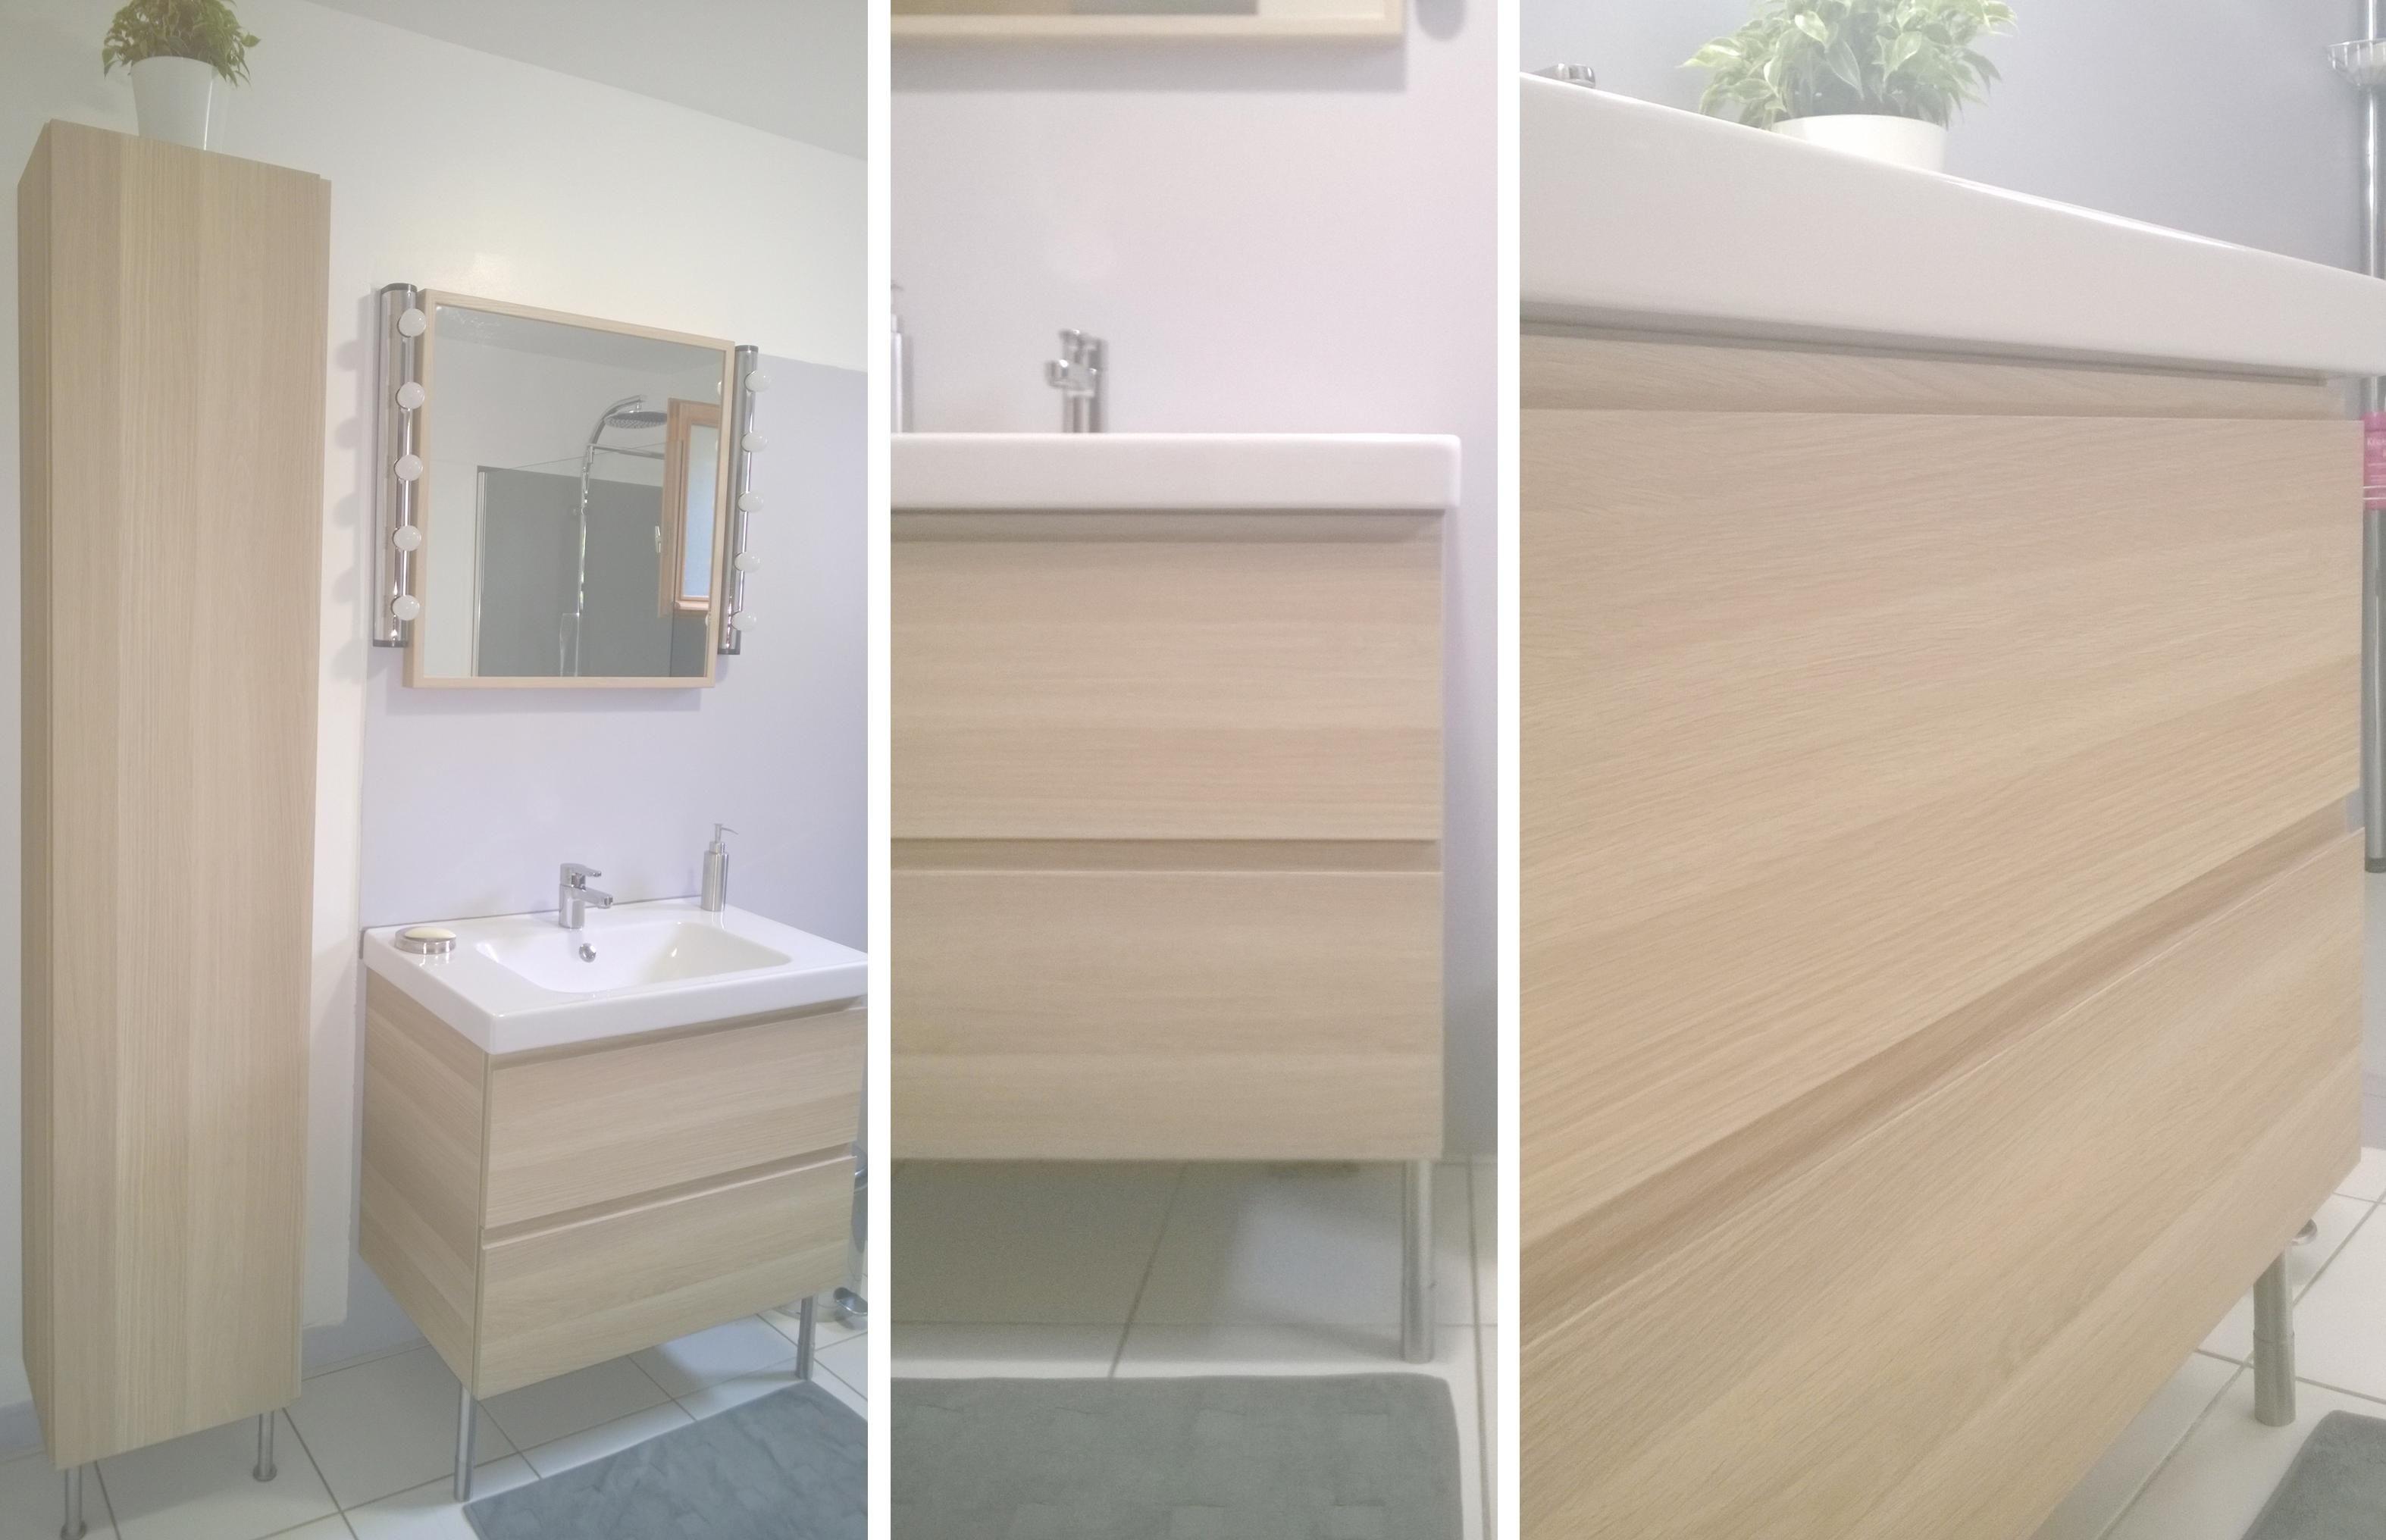 1000 images about salle de bain bonne humeur on pinterest pantone tcx ikea and murals - Interieur Meuble De Salle De Bain Ikea Godmorgon